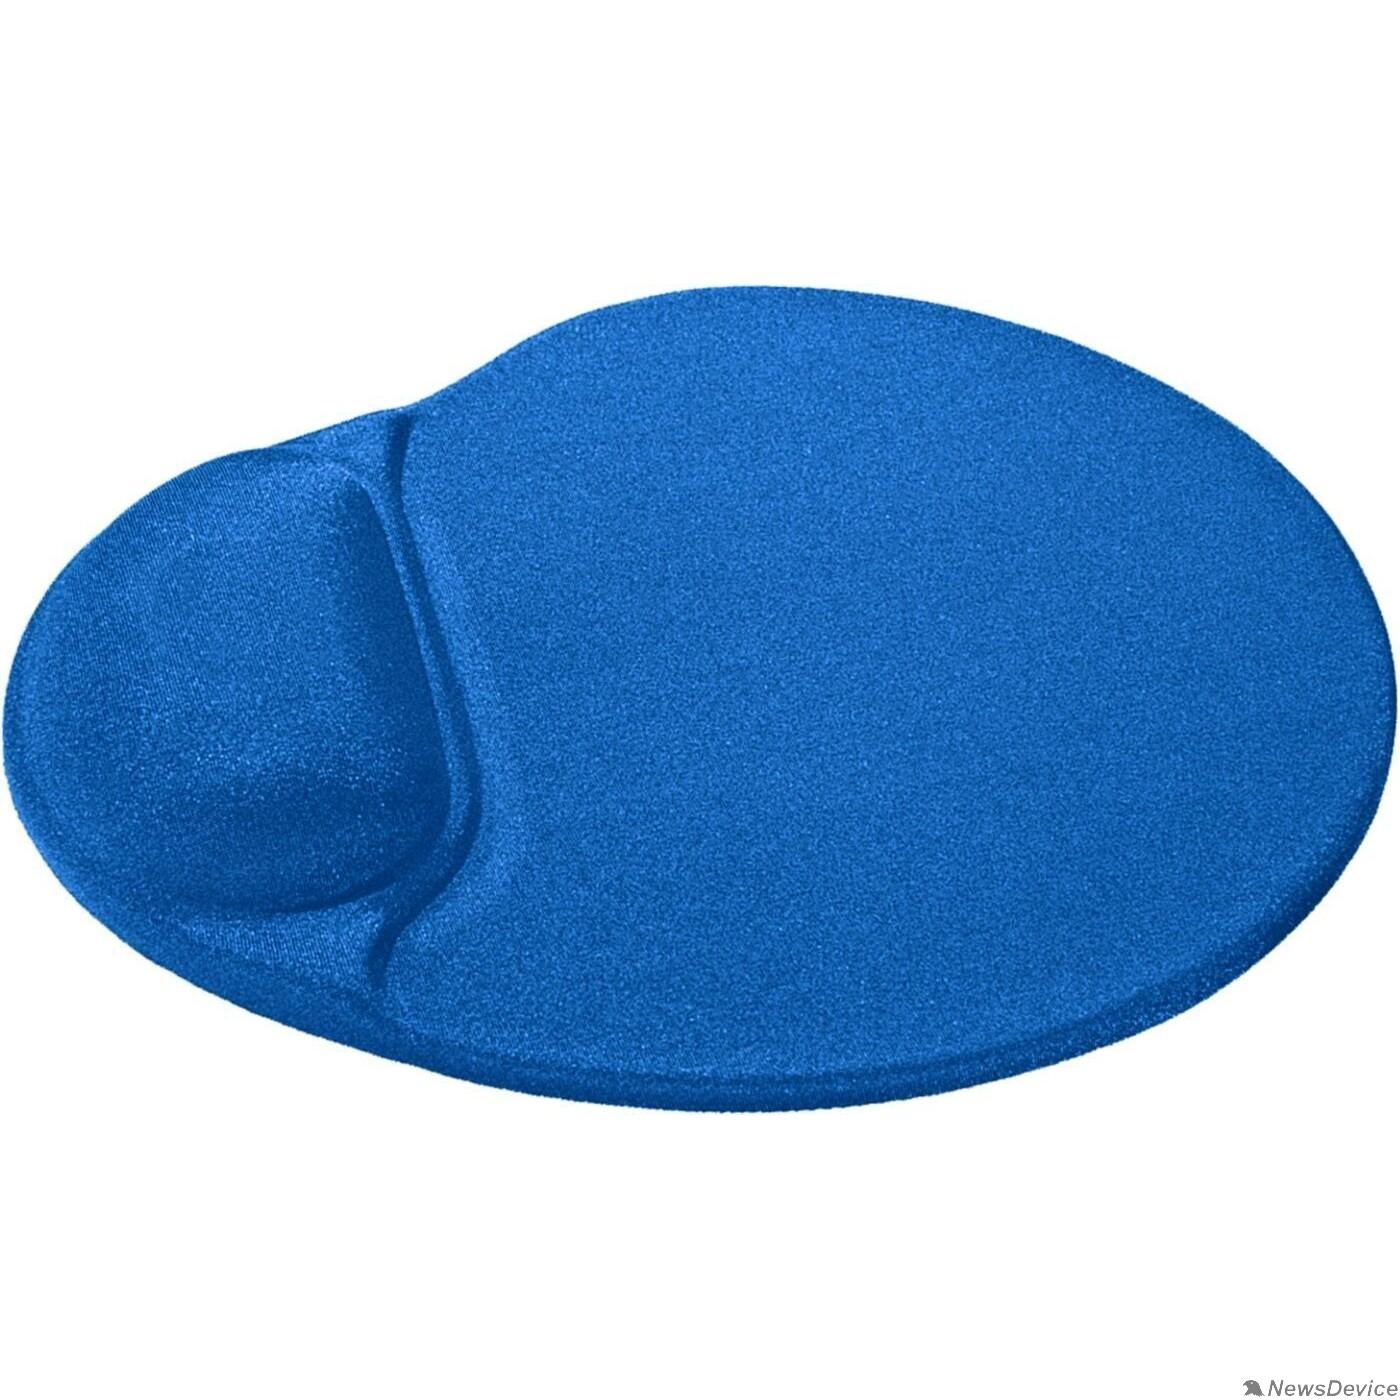 Коврики Defender Коврик для мыши Easy Work синий, 260х225х5 мм, лайкра 50916